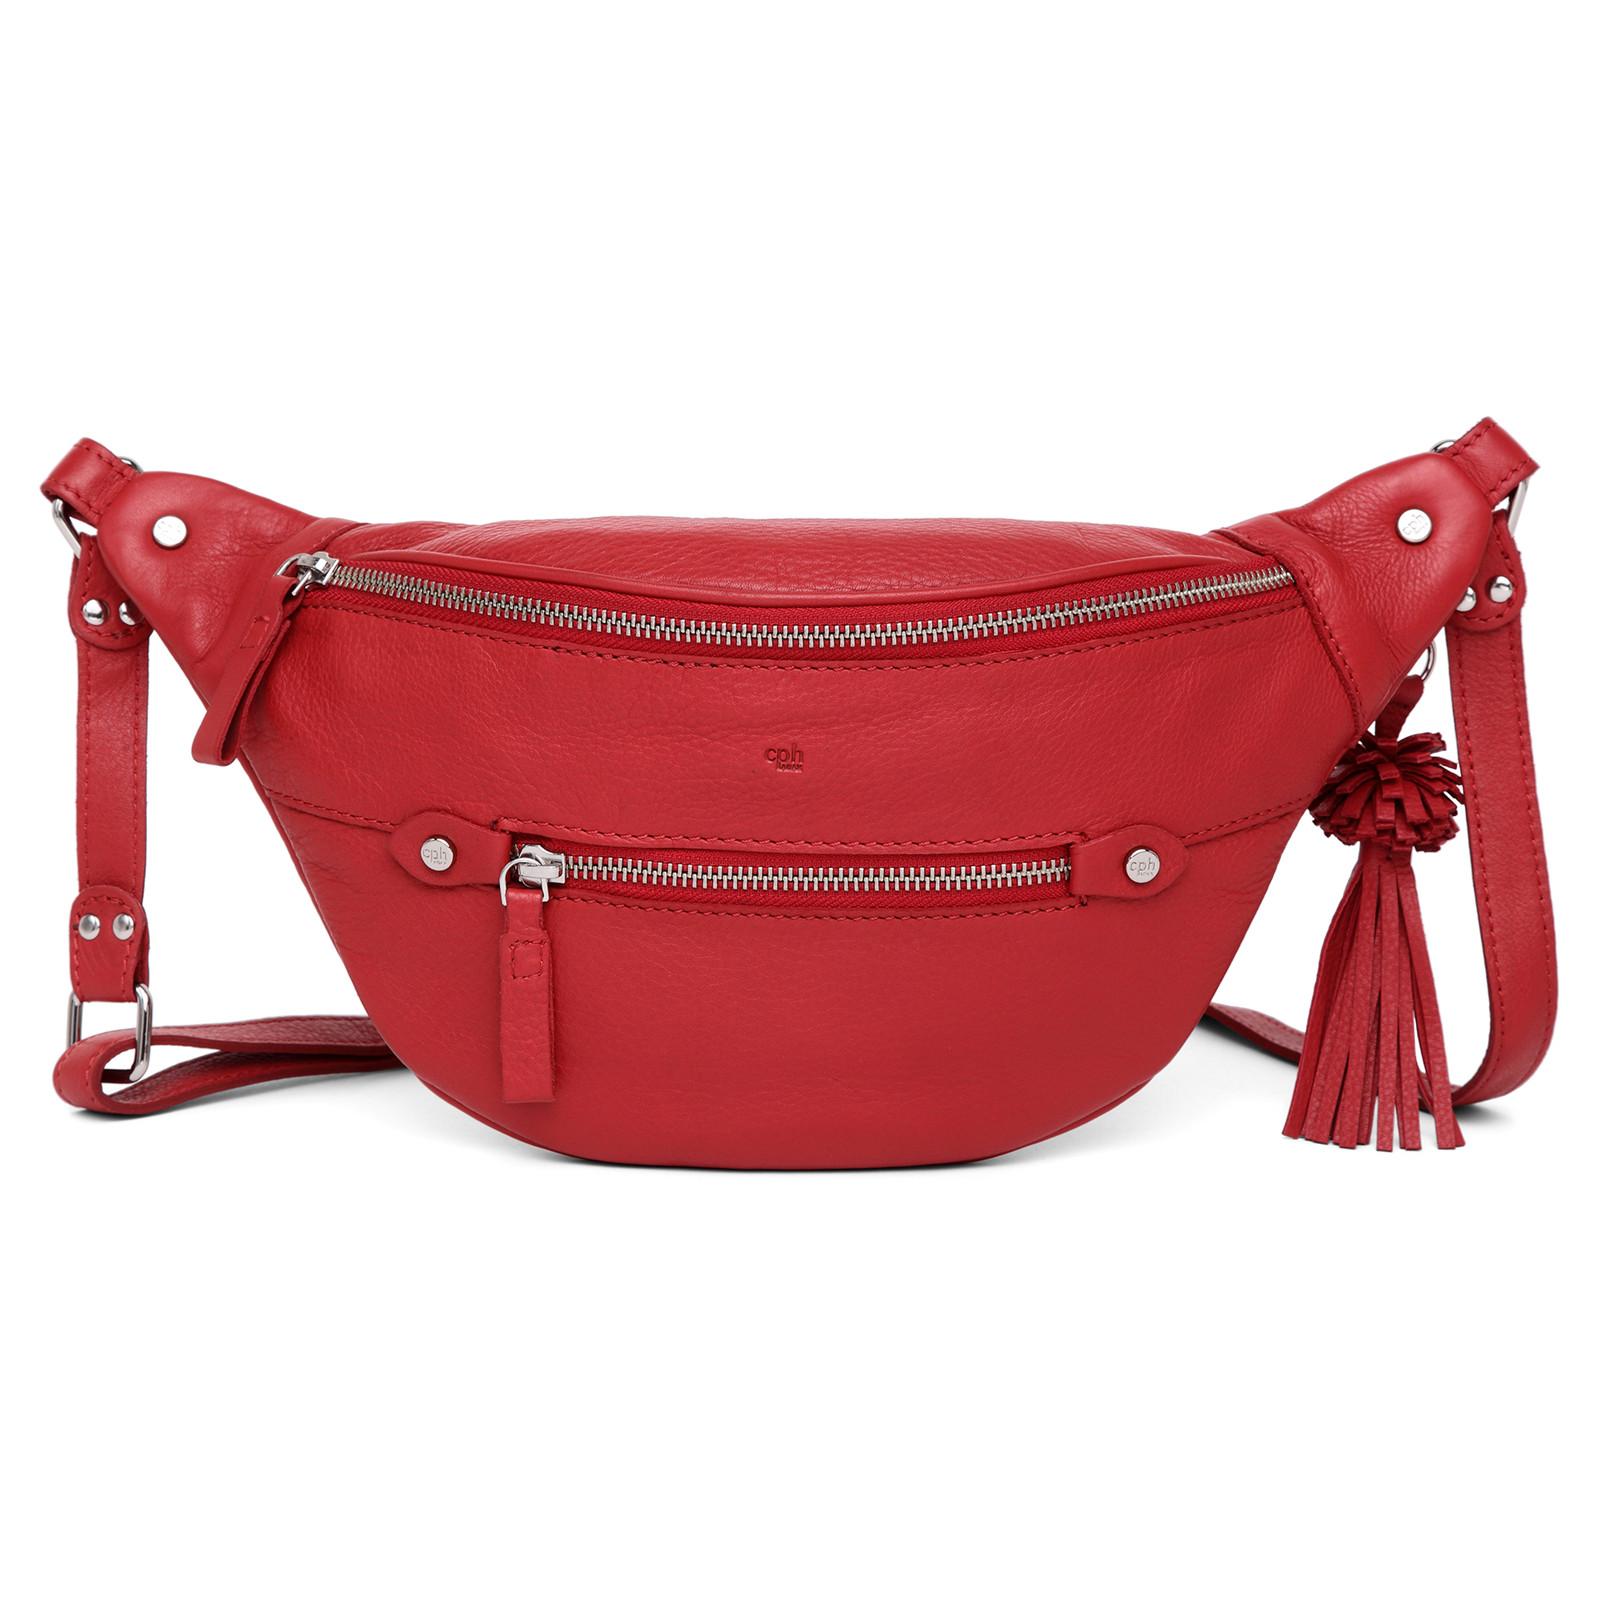 Adax Ruby Lai skind bum bag